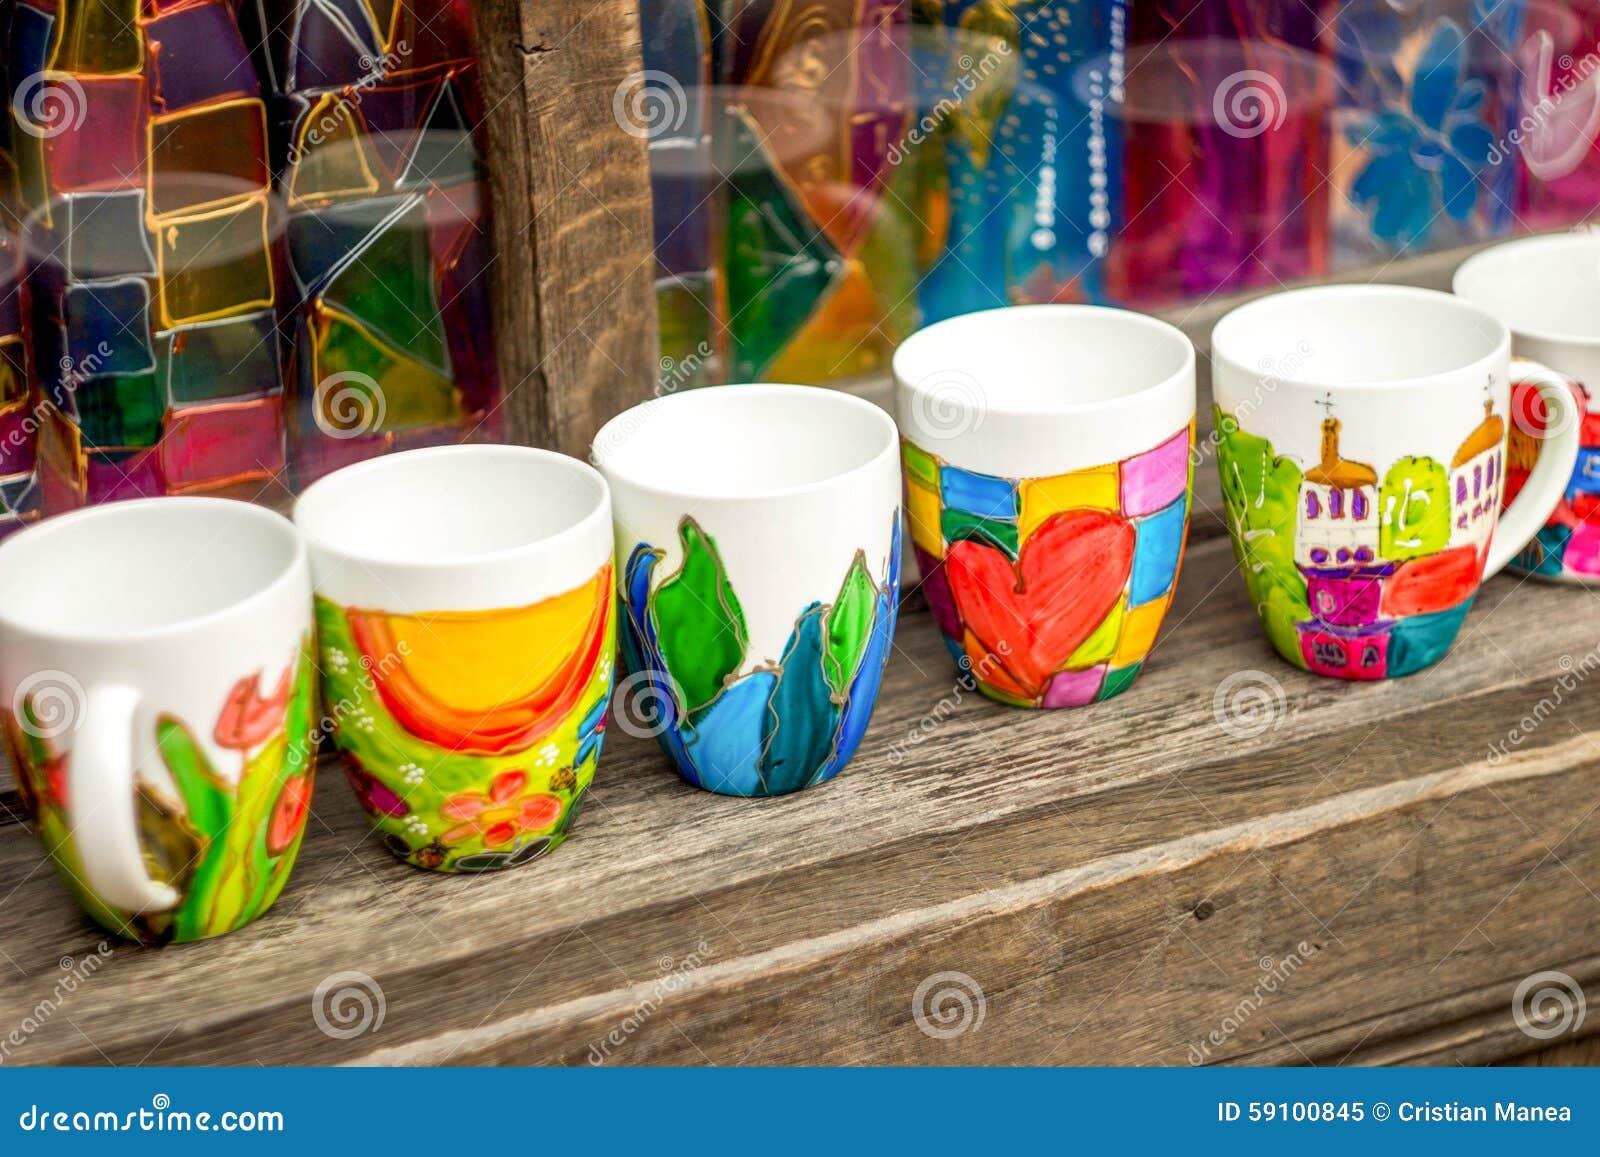 陶瓷色的杯子